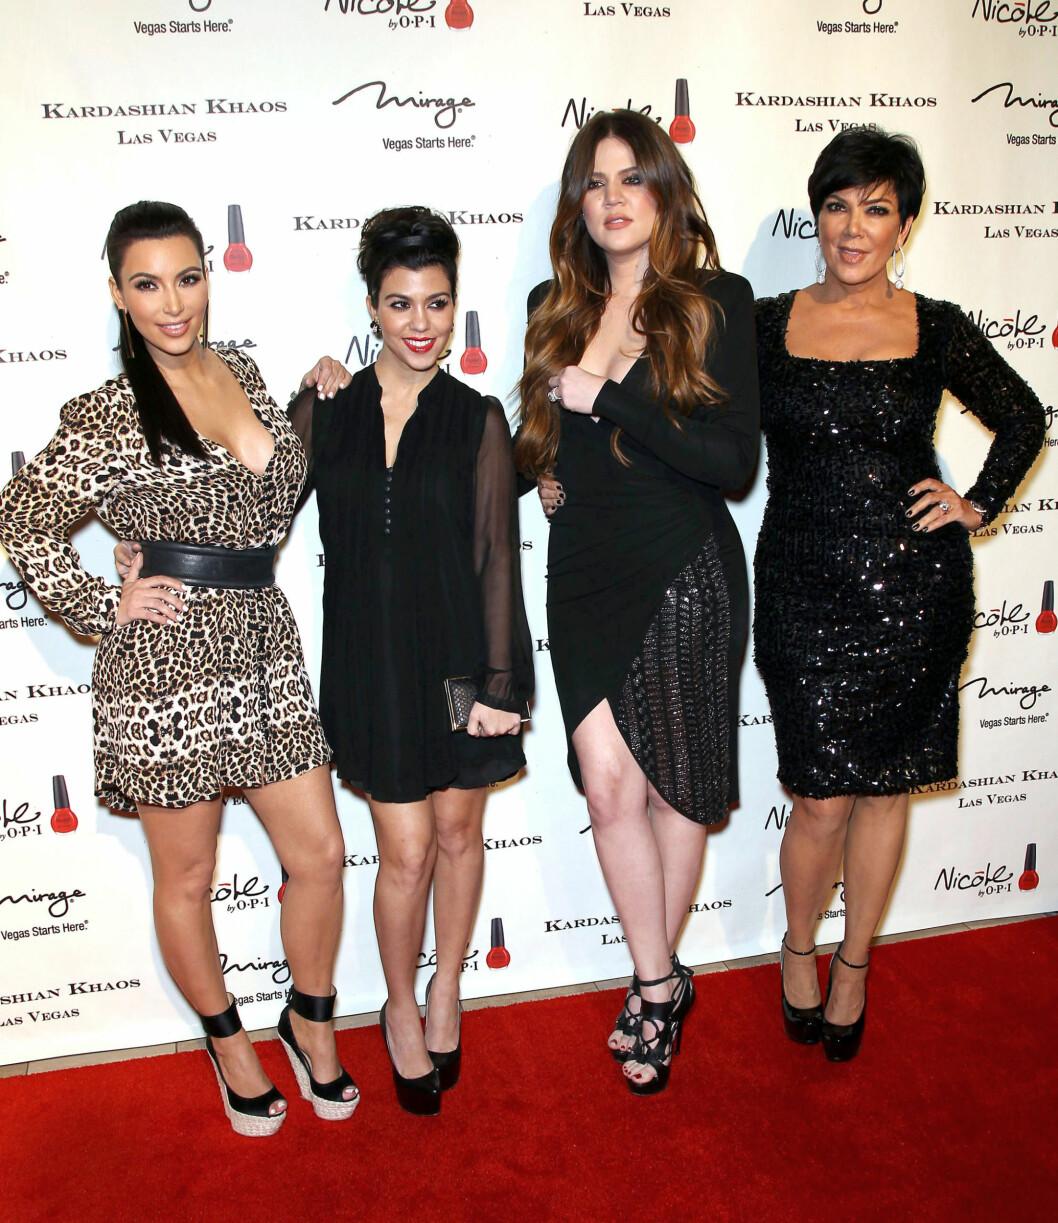 POPULÆRE KVINNER: Khloe Kardashian med storesøstrene Kim og Kourtney Kardashian, og moren Kris Jenner. Foto: All Over Press